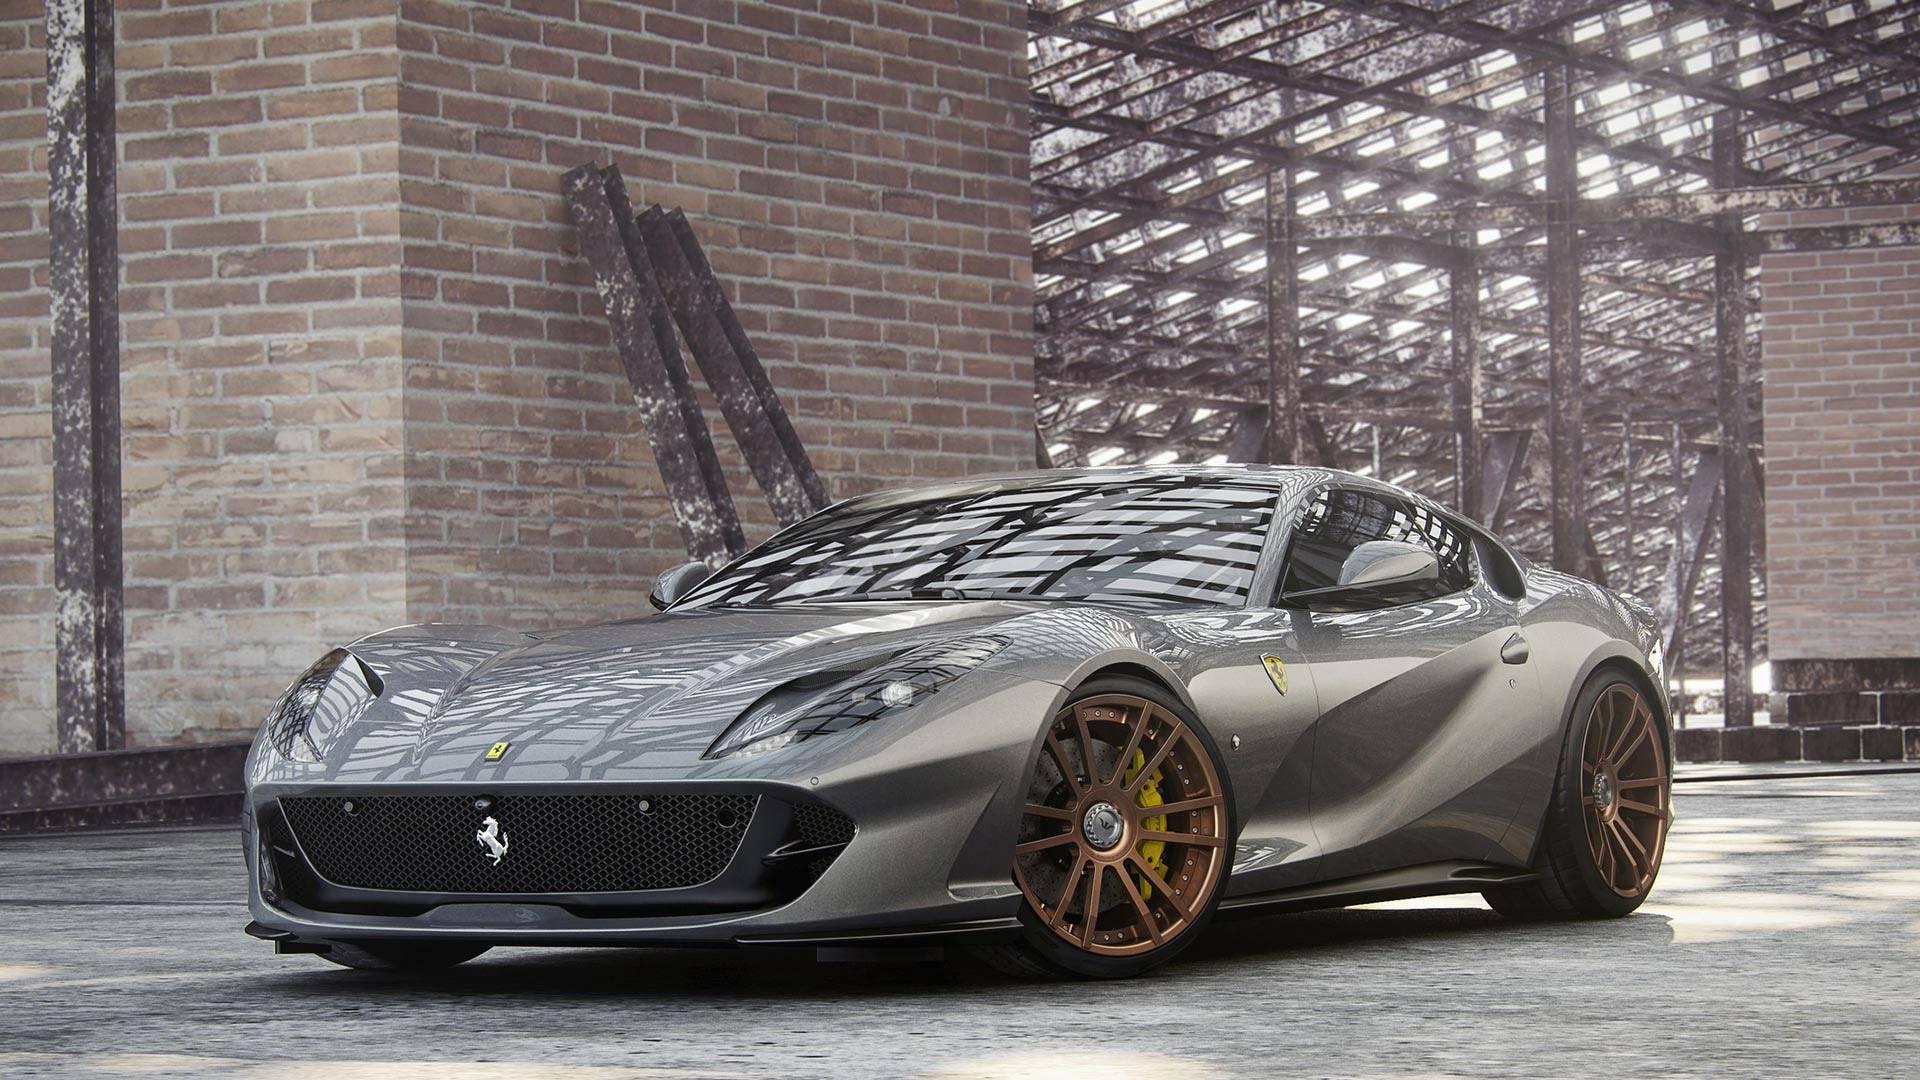 Black Ferrari 812 Superfast >> Ferrari 812 Superfast Becomes Superforte Thanks To Wheelsandmore - autoevolution